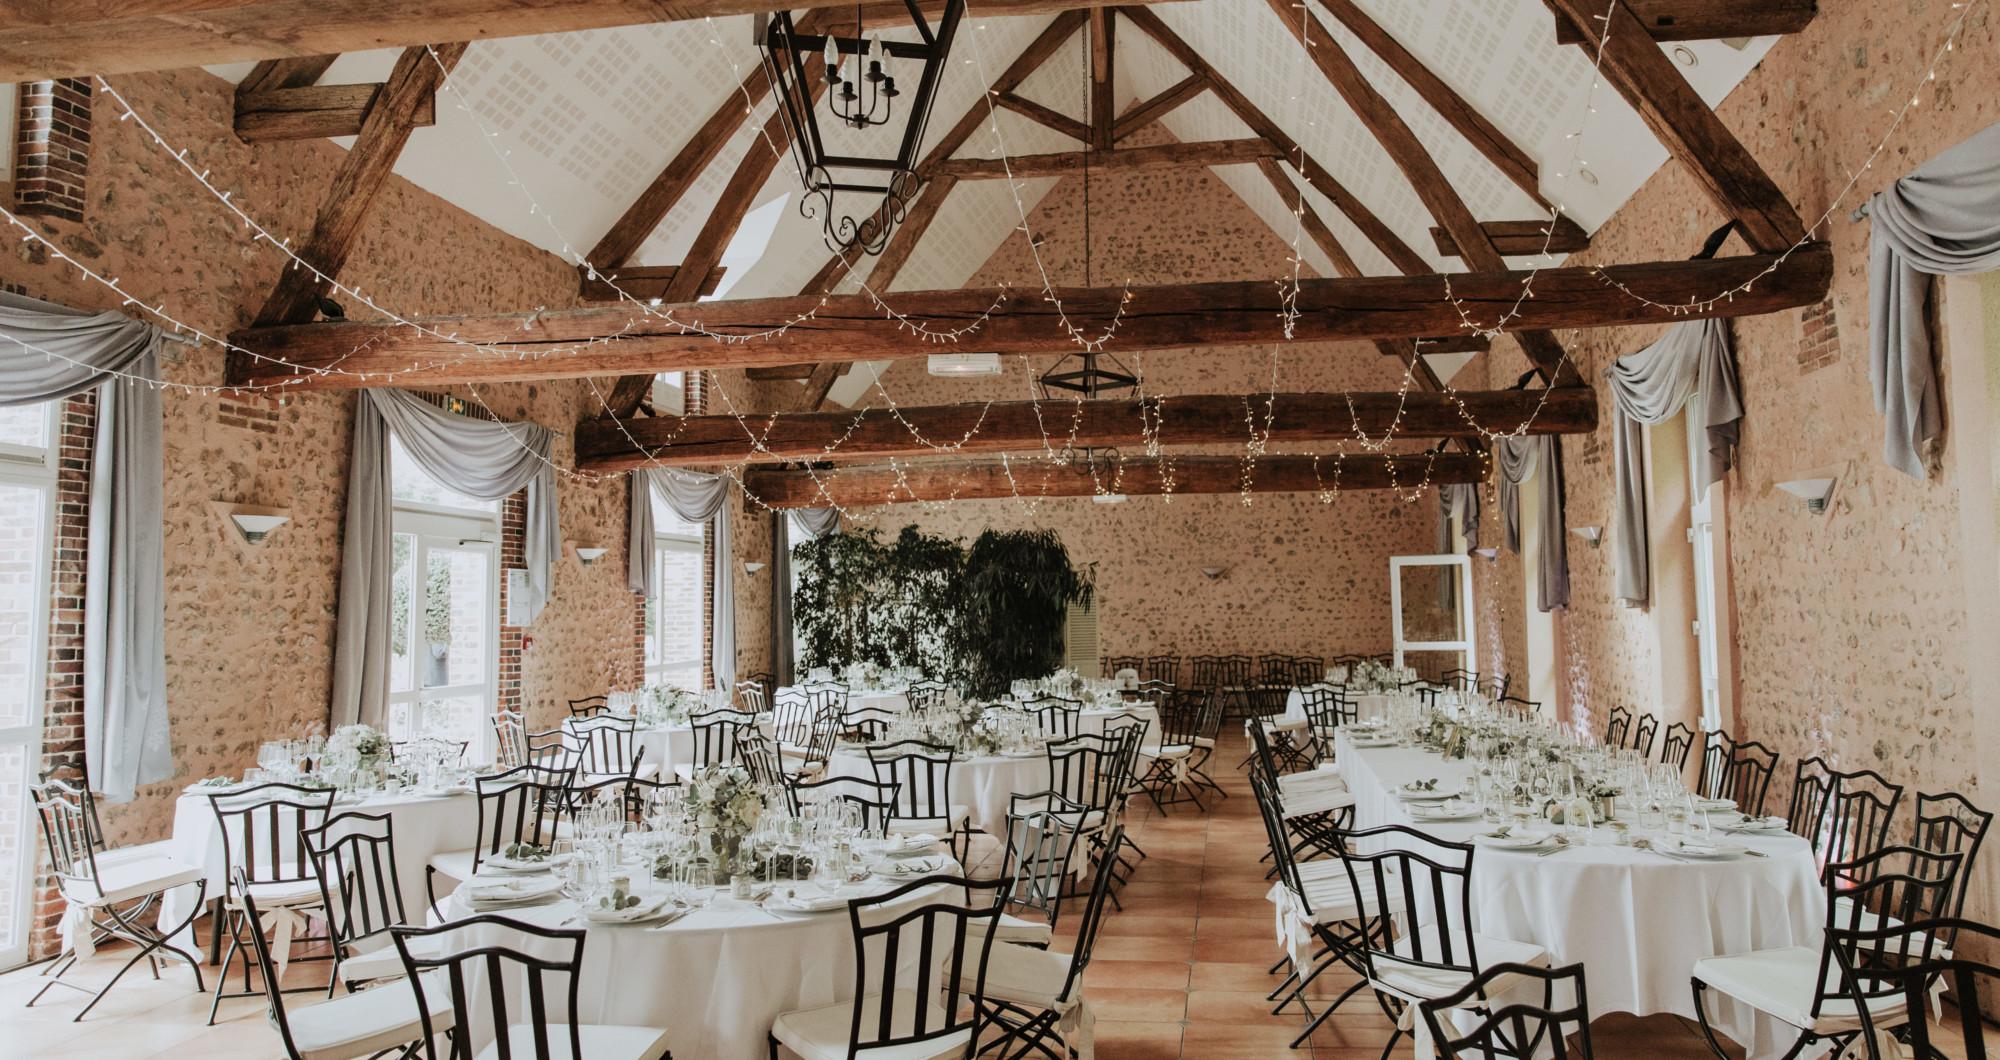 Fleuriste, fleuriste mariage, floral design, wedding design, mariage, décoratrice Ile de France, décoratrice mariage